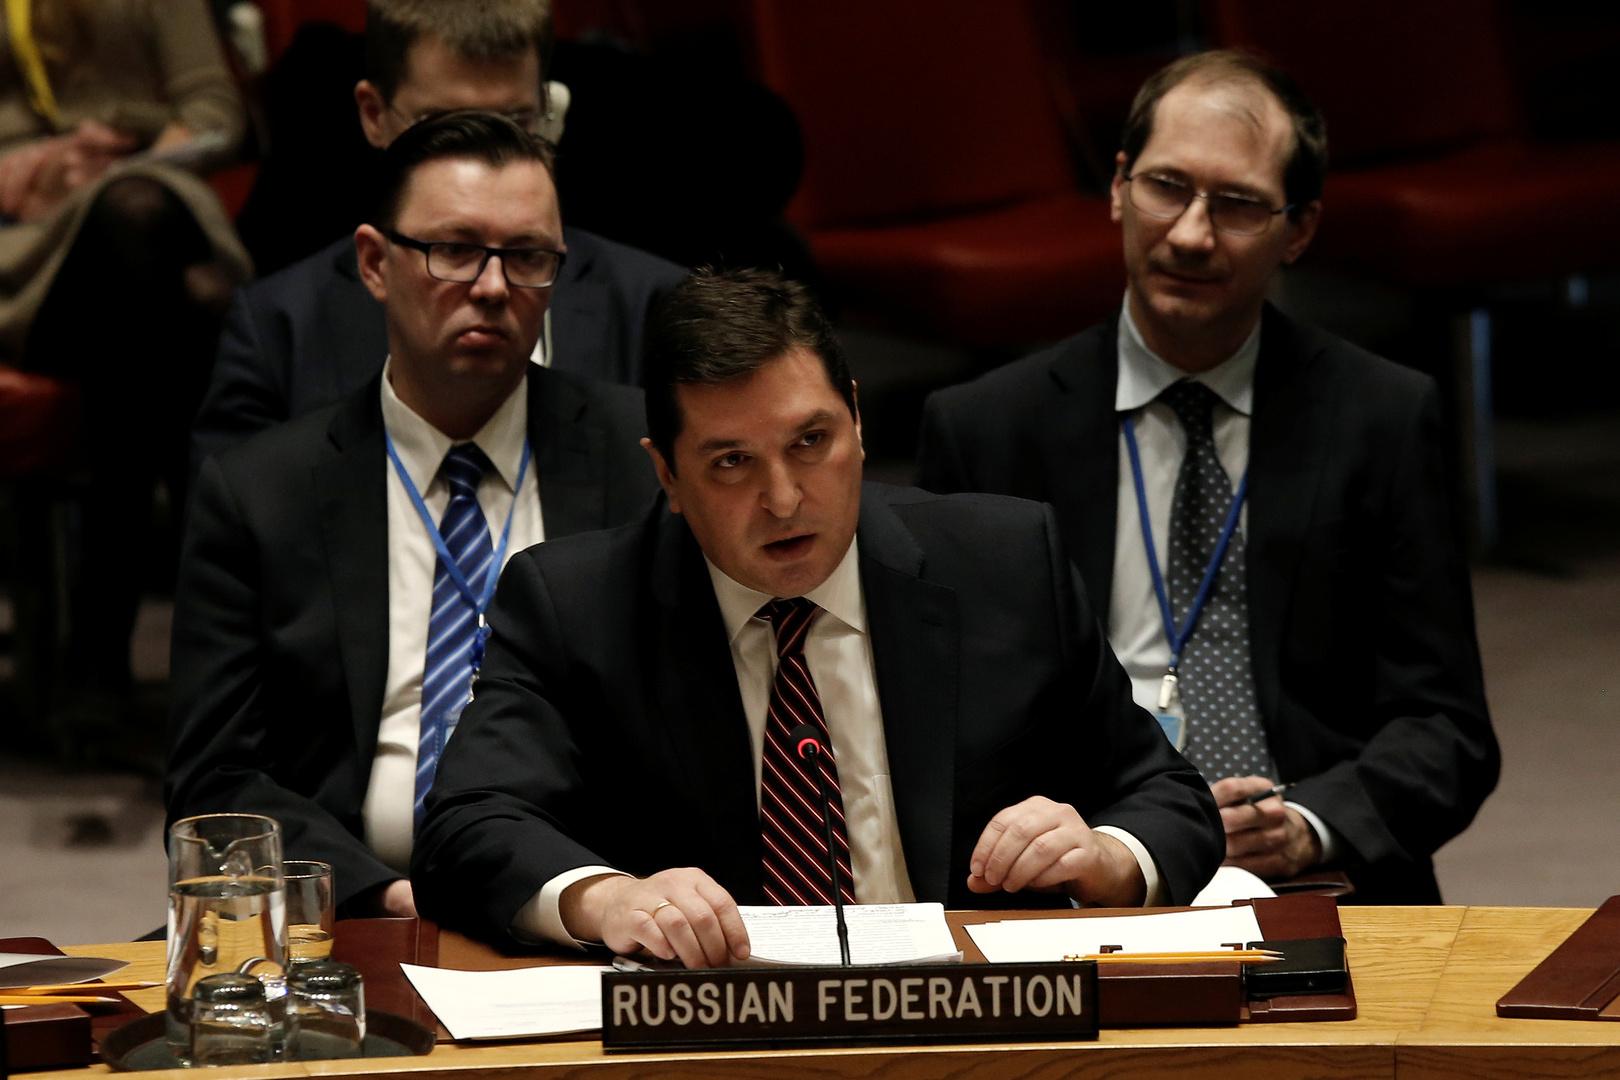 وزير الخارجية الروسي يعين مبعوثا خاصا جديدا للسلام في الشرق الأوسط